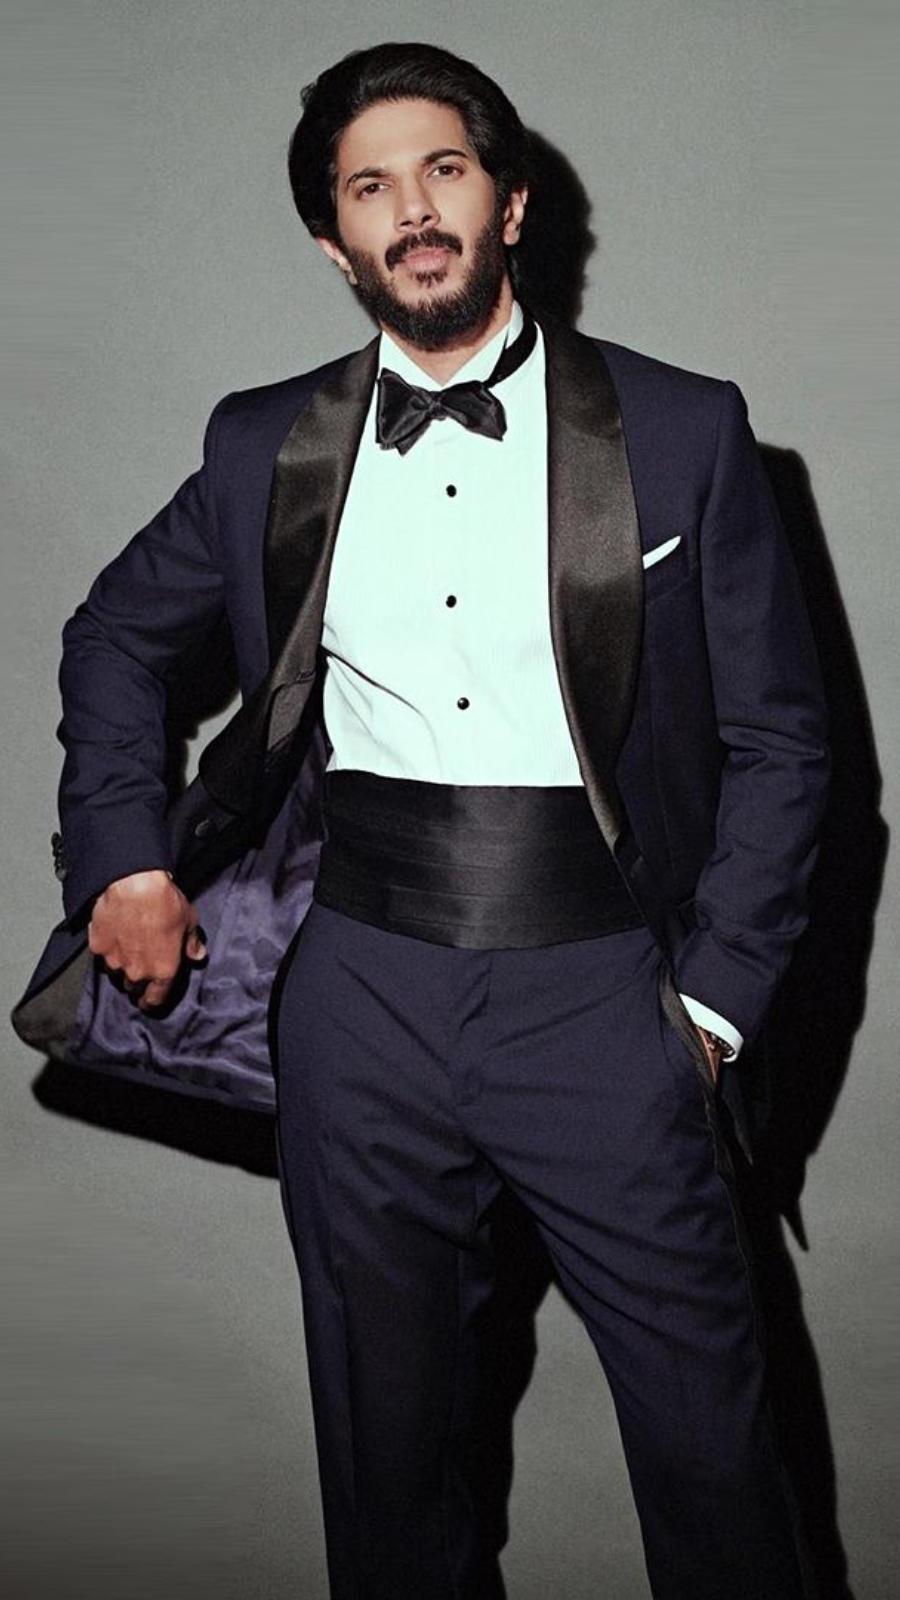 Tuxedo can be fun